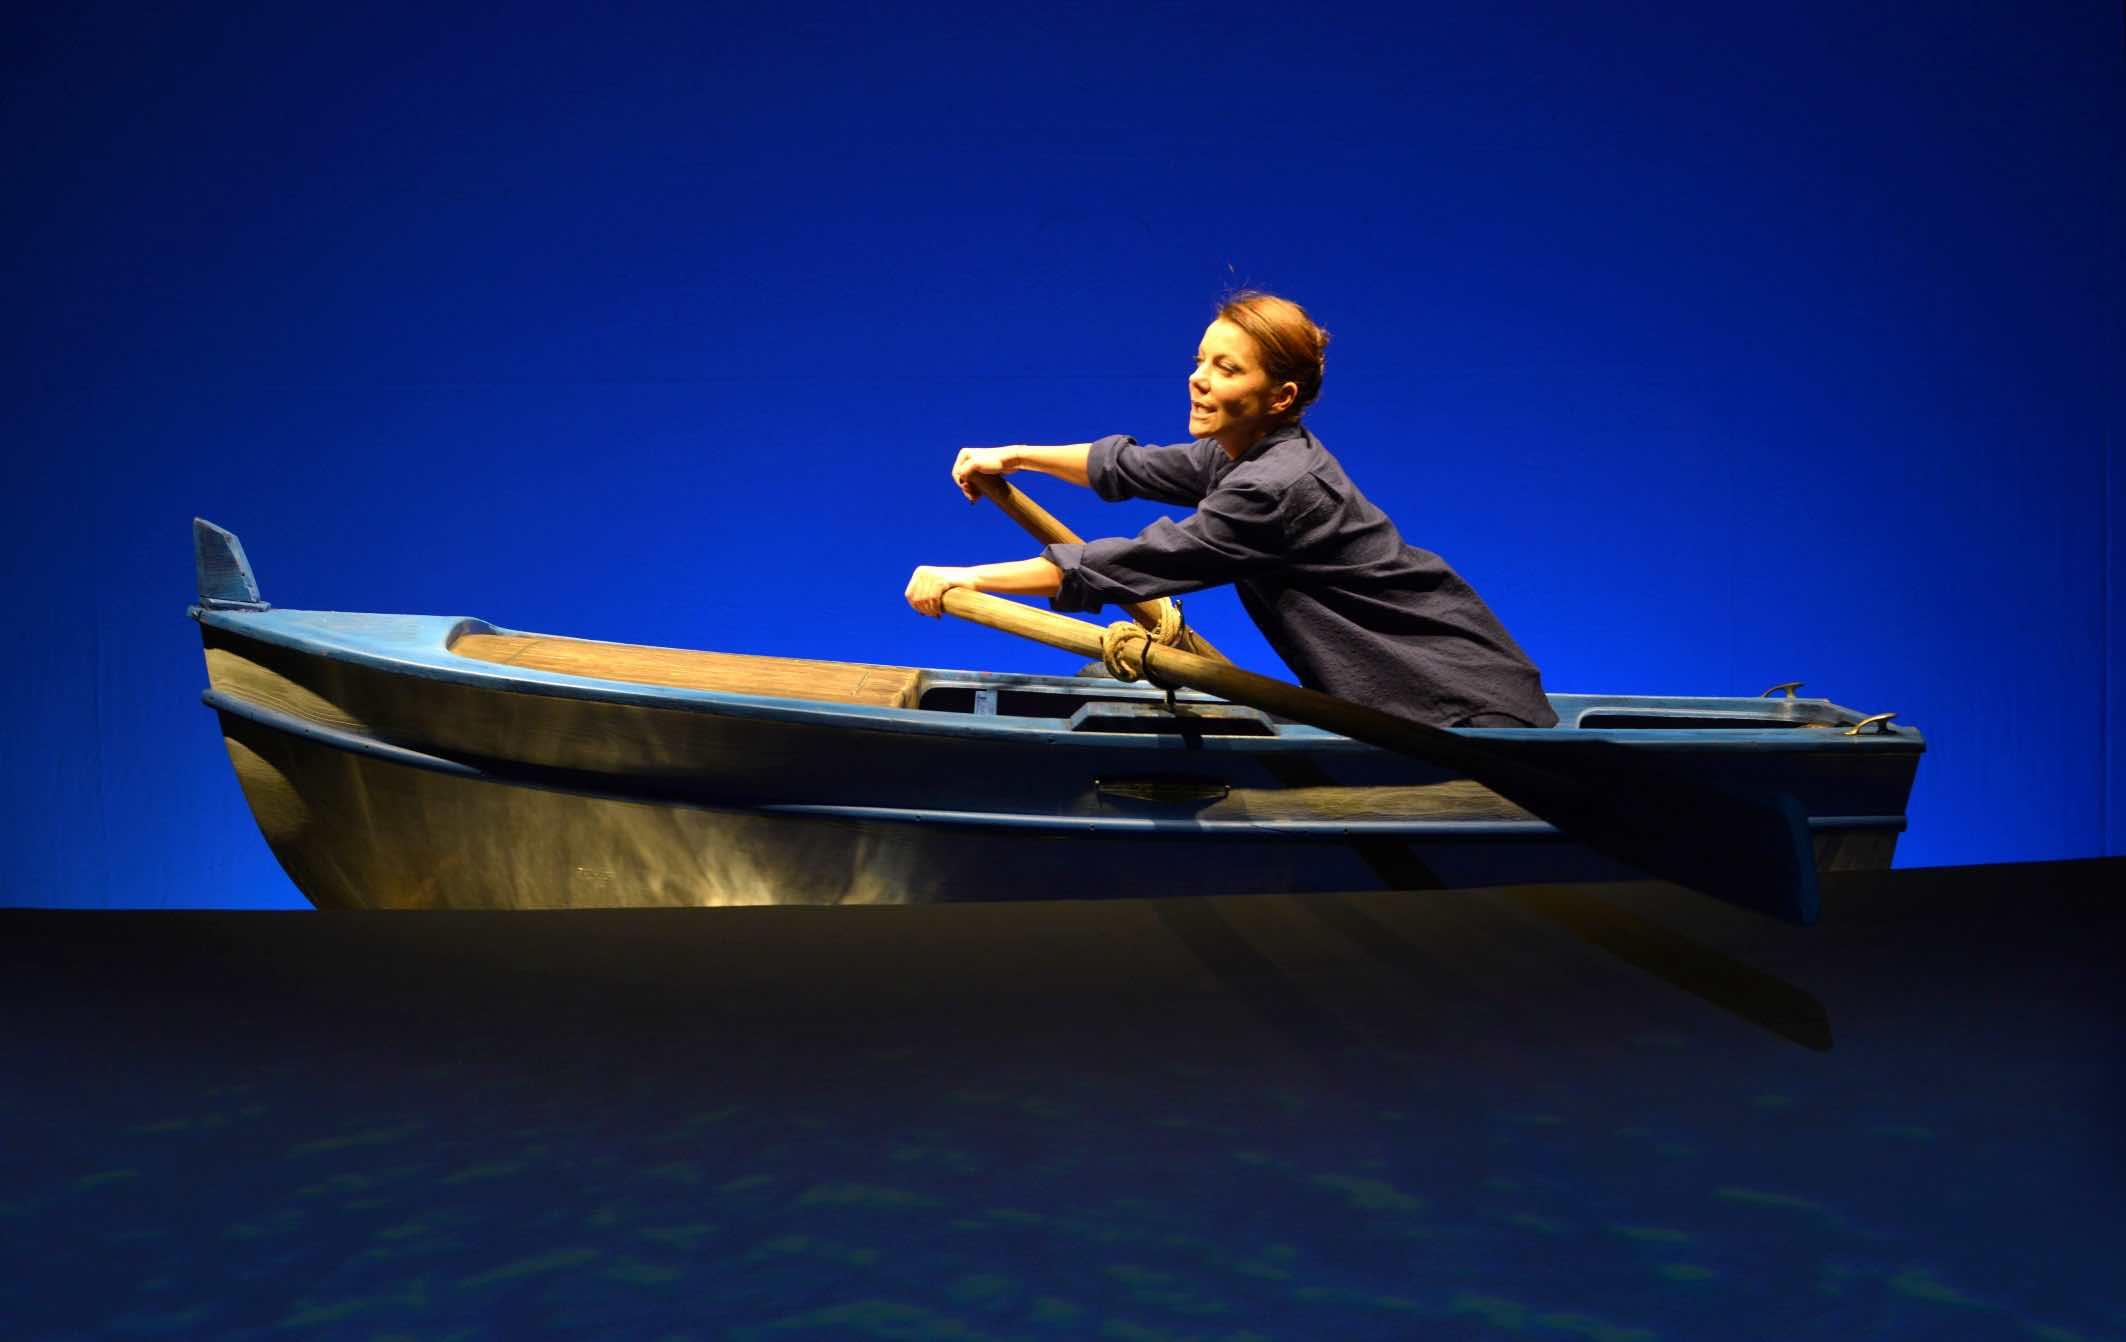 GAIA APREA in D'estate con la barca -  foto di Fabio Donato 2